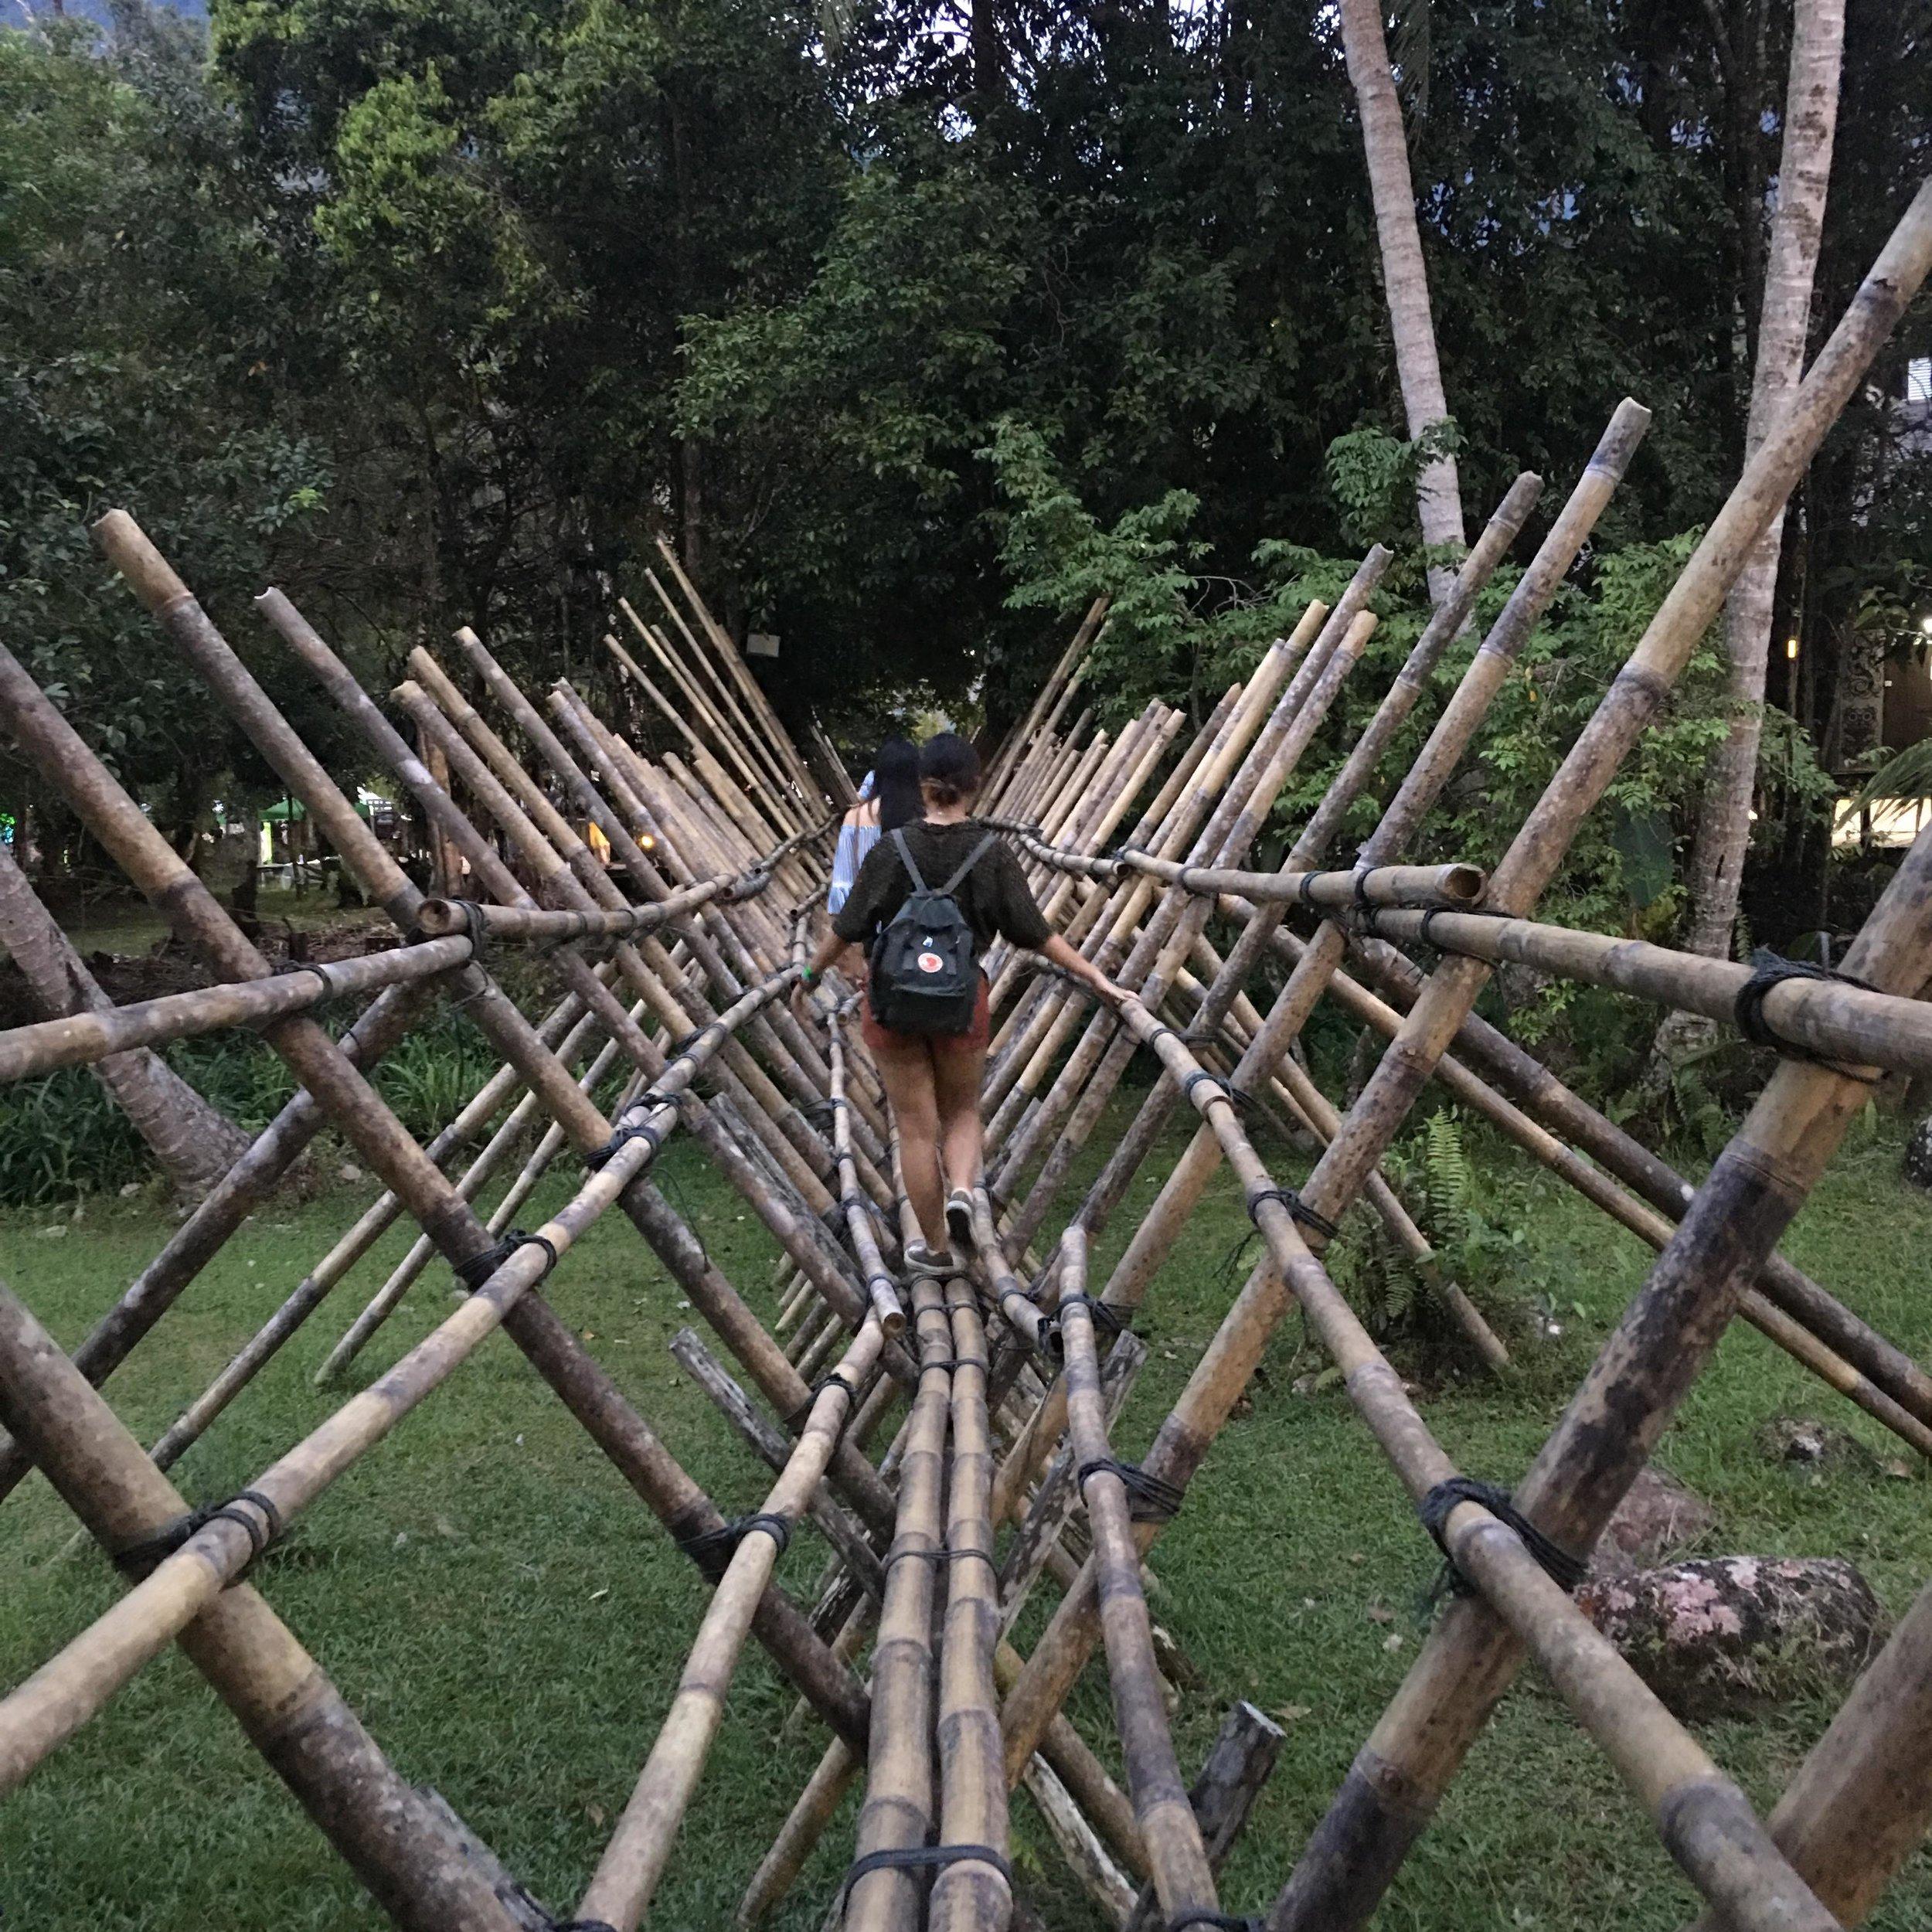 Ashley layo masing  Malaysia  may 2018